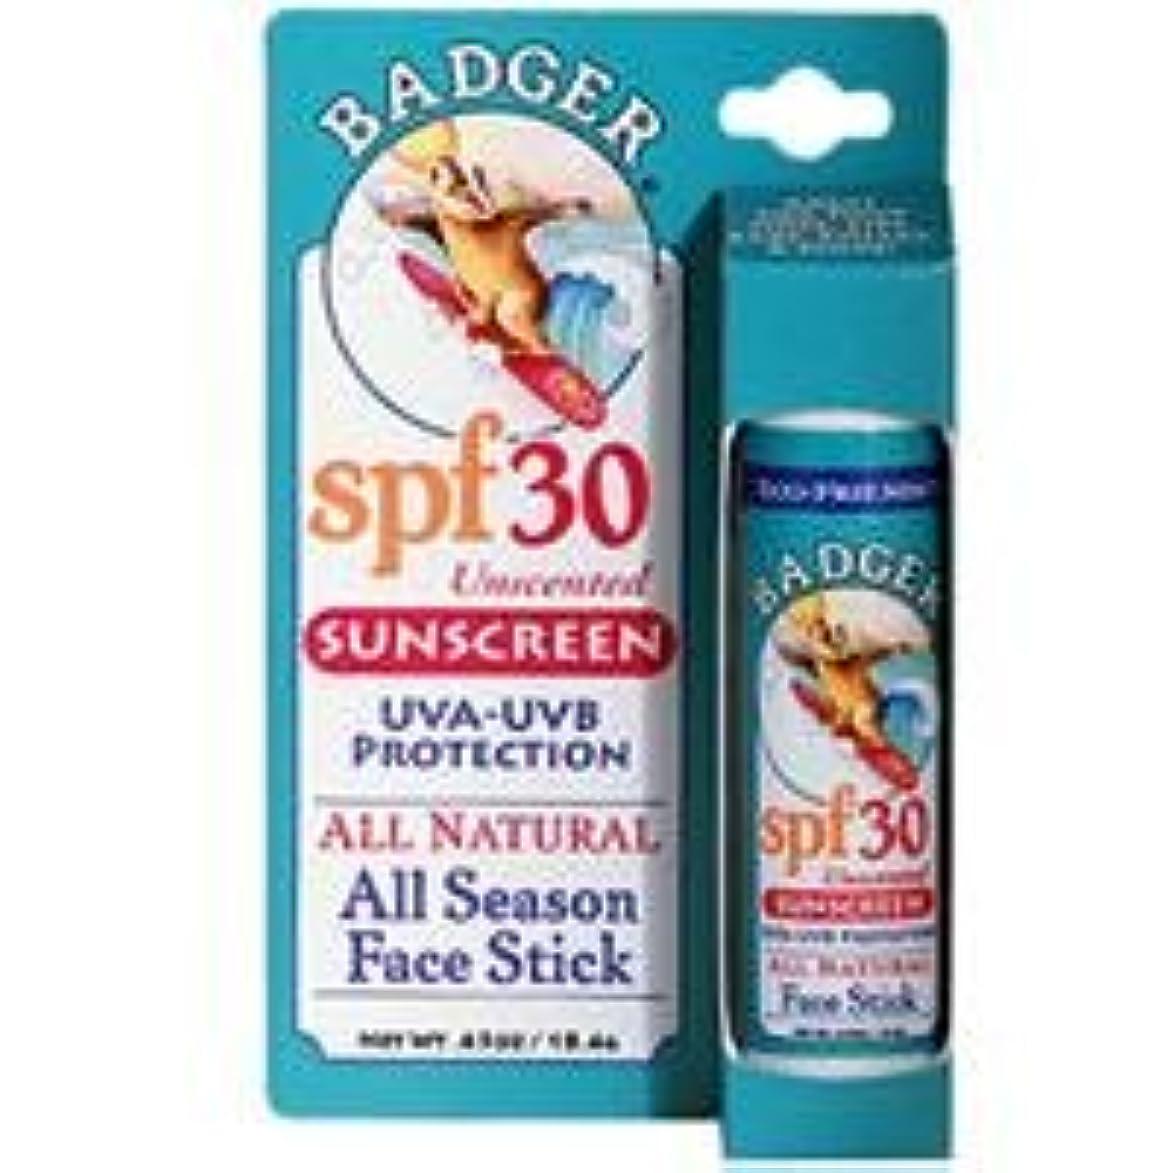 バラバラにするすることになっている背が高い[海外直送品] バジャー(Badger) フェイススティック サンスクリーン SPF30 18.4g (無香料)